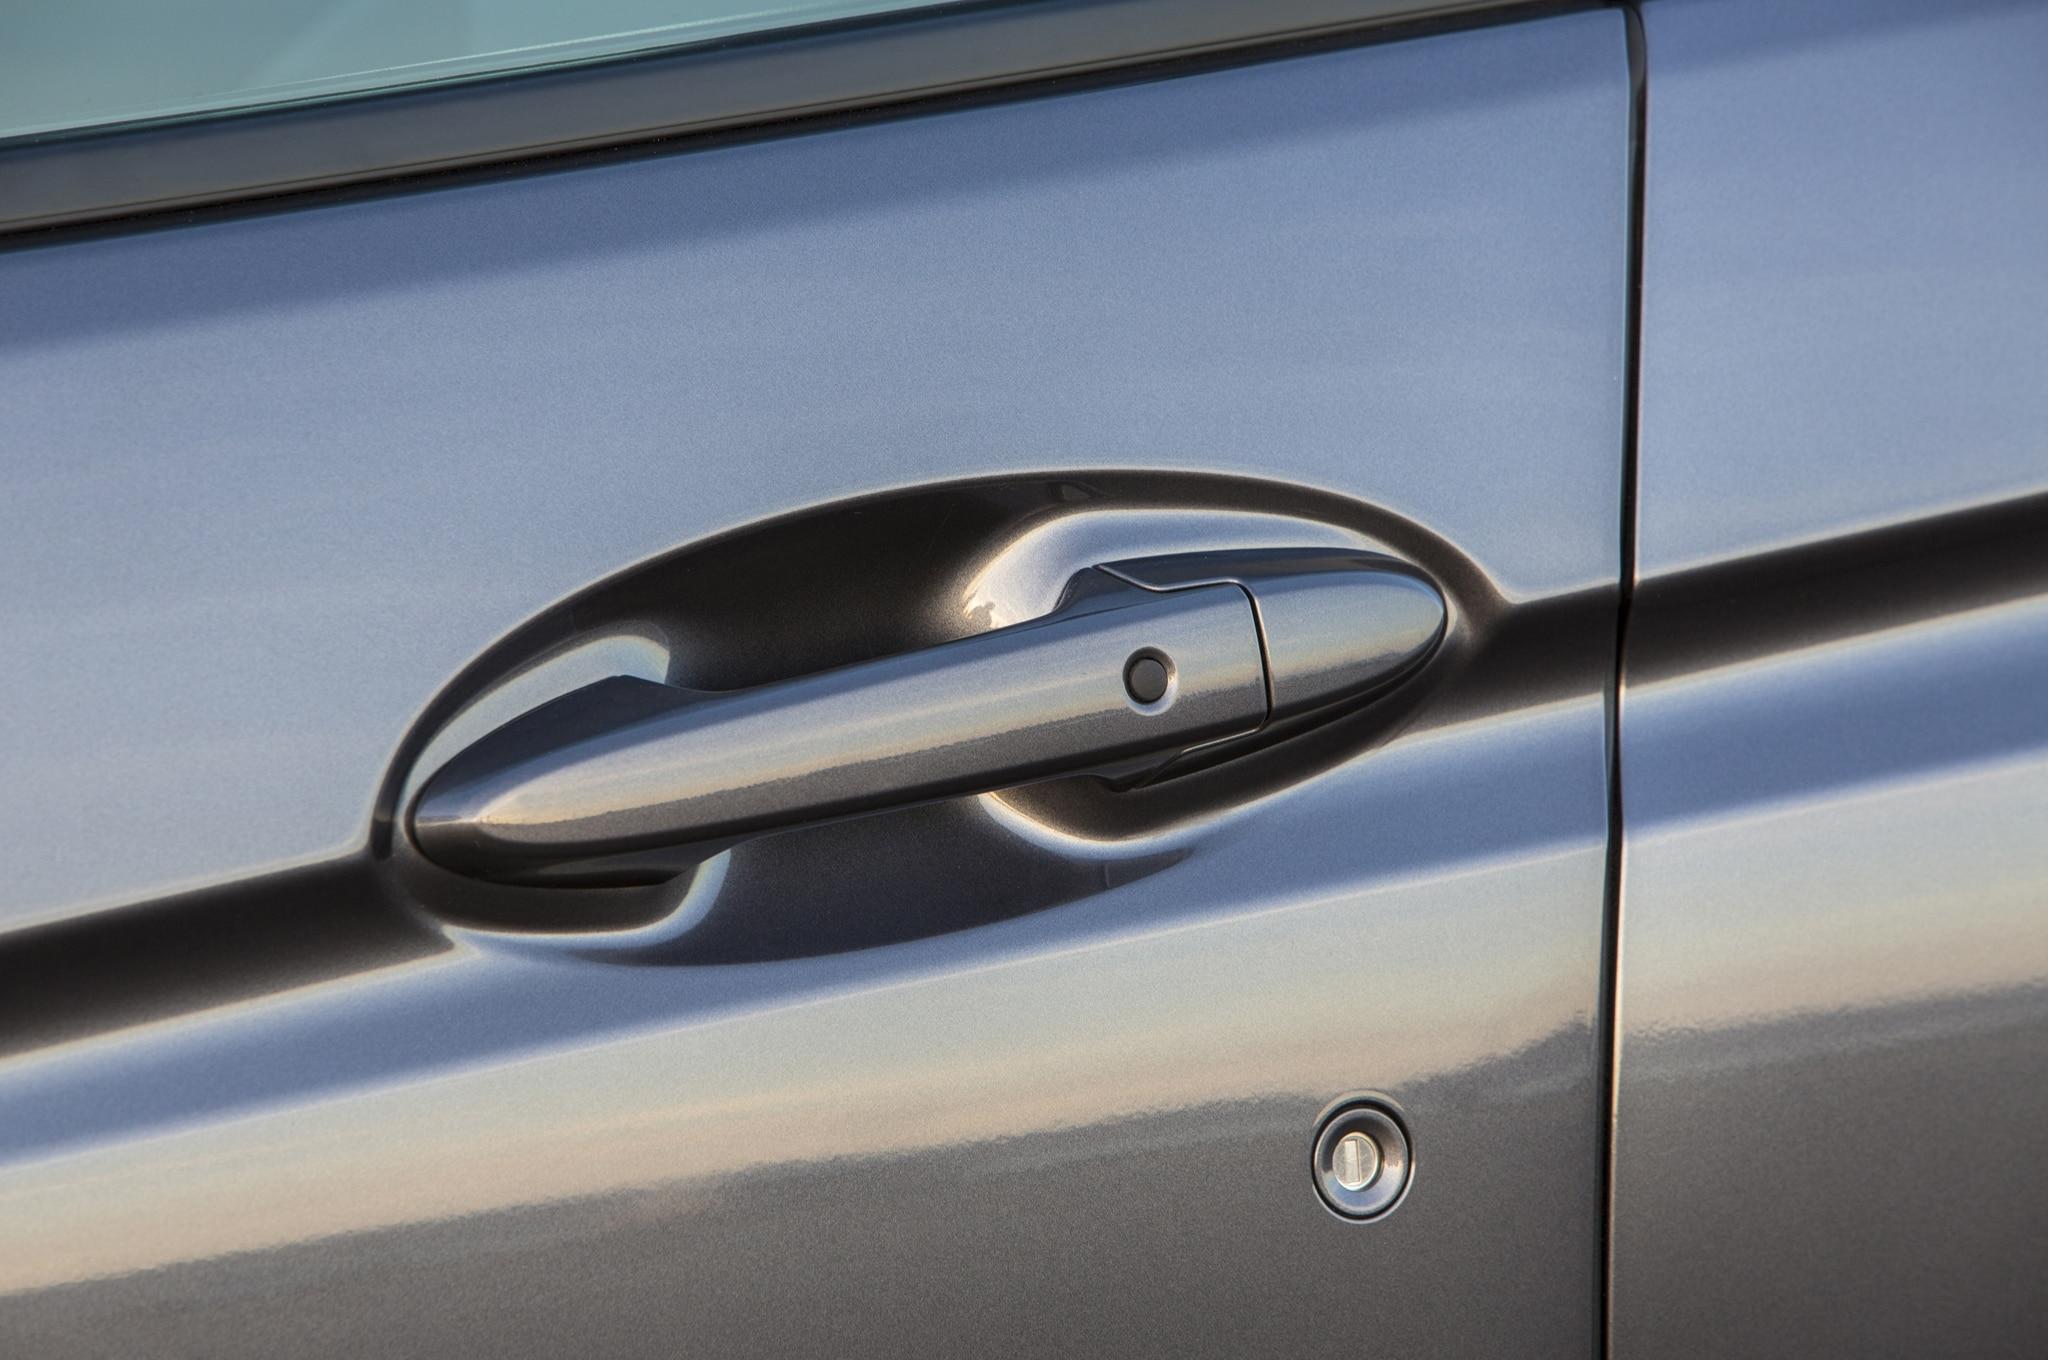 19|158 & Honda Fit: 2015 AUTOMOBILE All-Star | Automobile Magazine Pezcame.Com